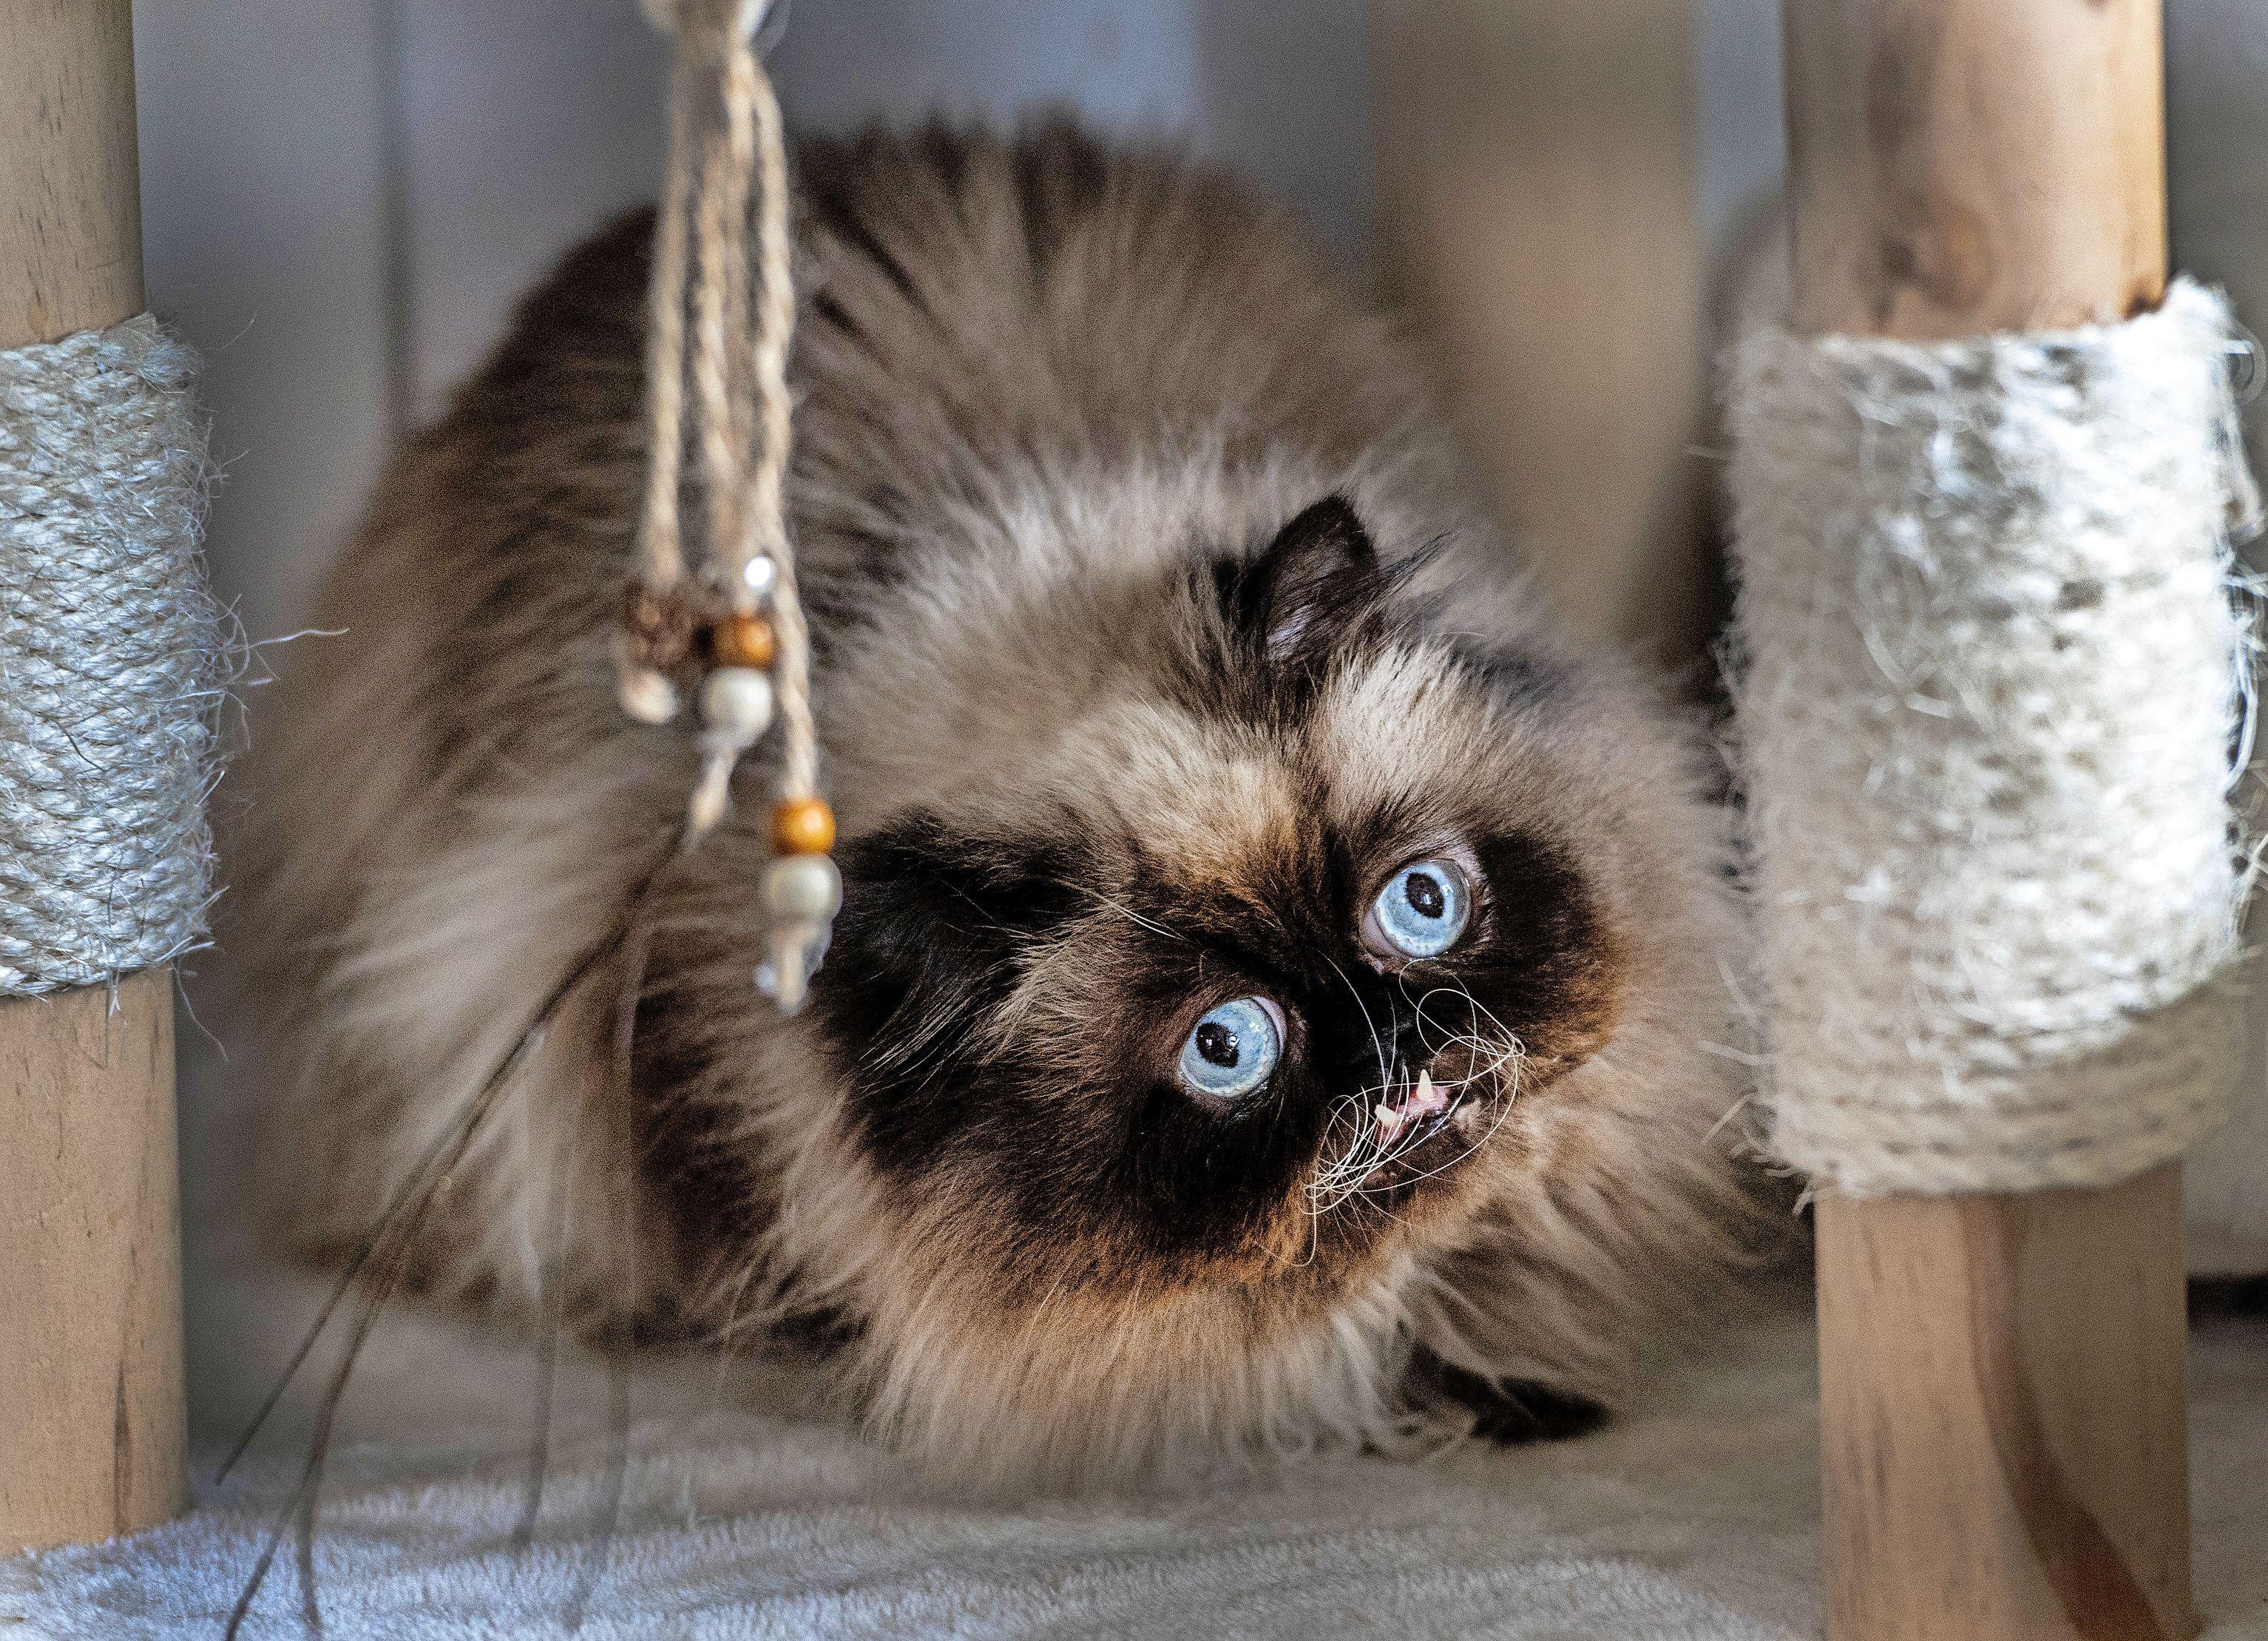 Gekke kat is Instagrambekendheid: 'Ik had geen idee dat kattenfoto's zoveel teweeg konden brengen'